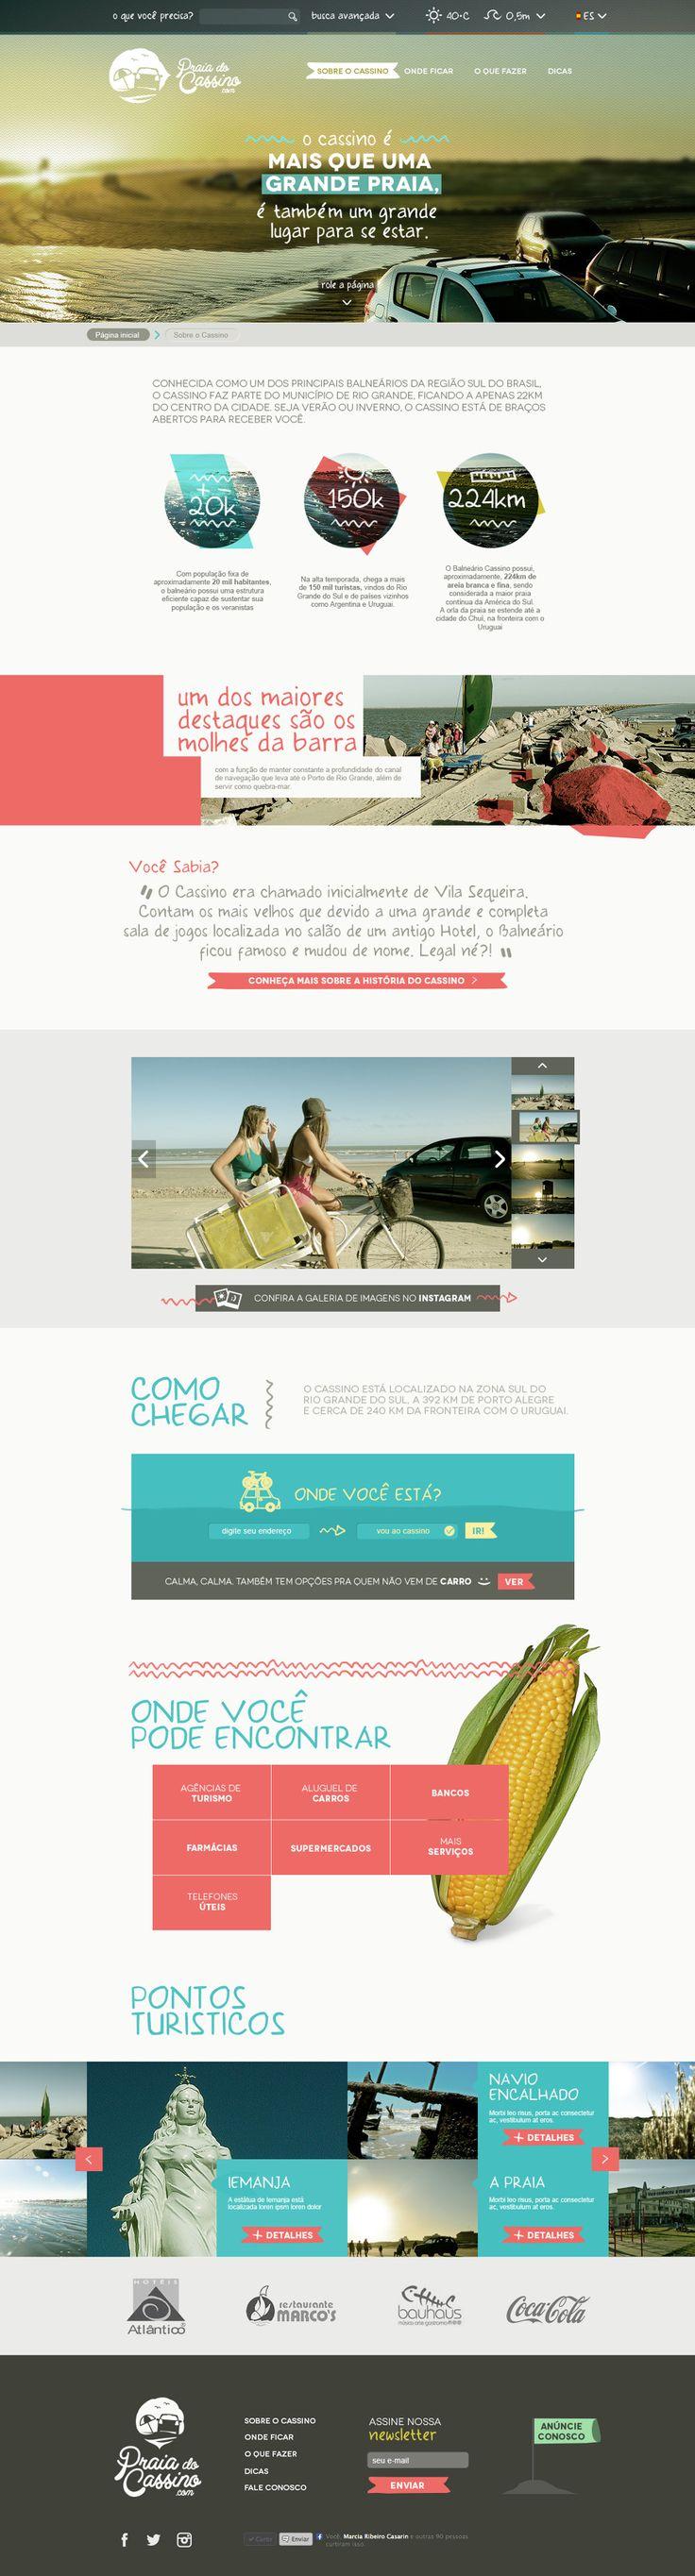 Praia do Cassino.com - Designer - Vinícius Costa   #flat #colorful #webdesign